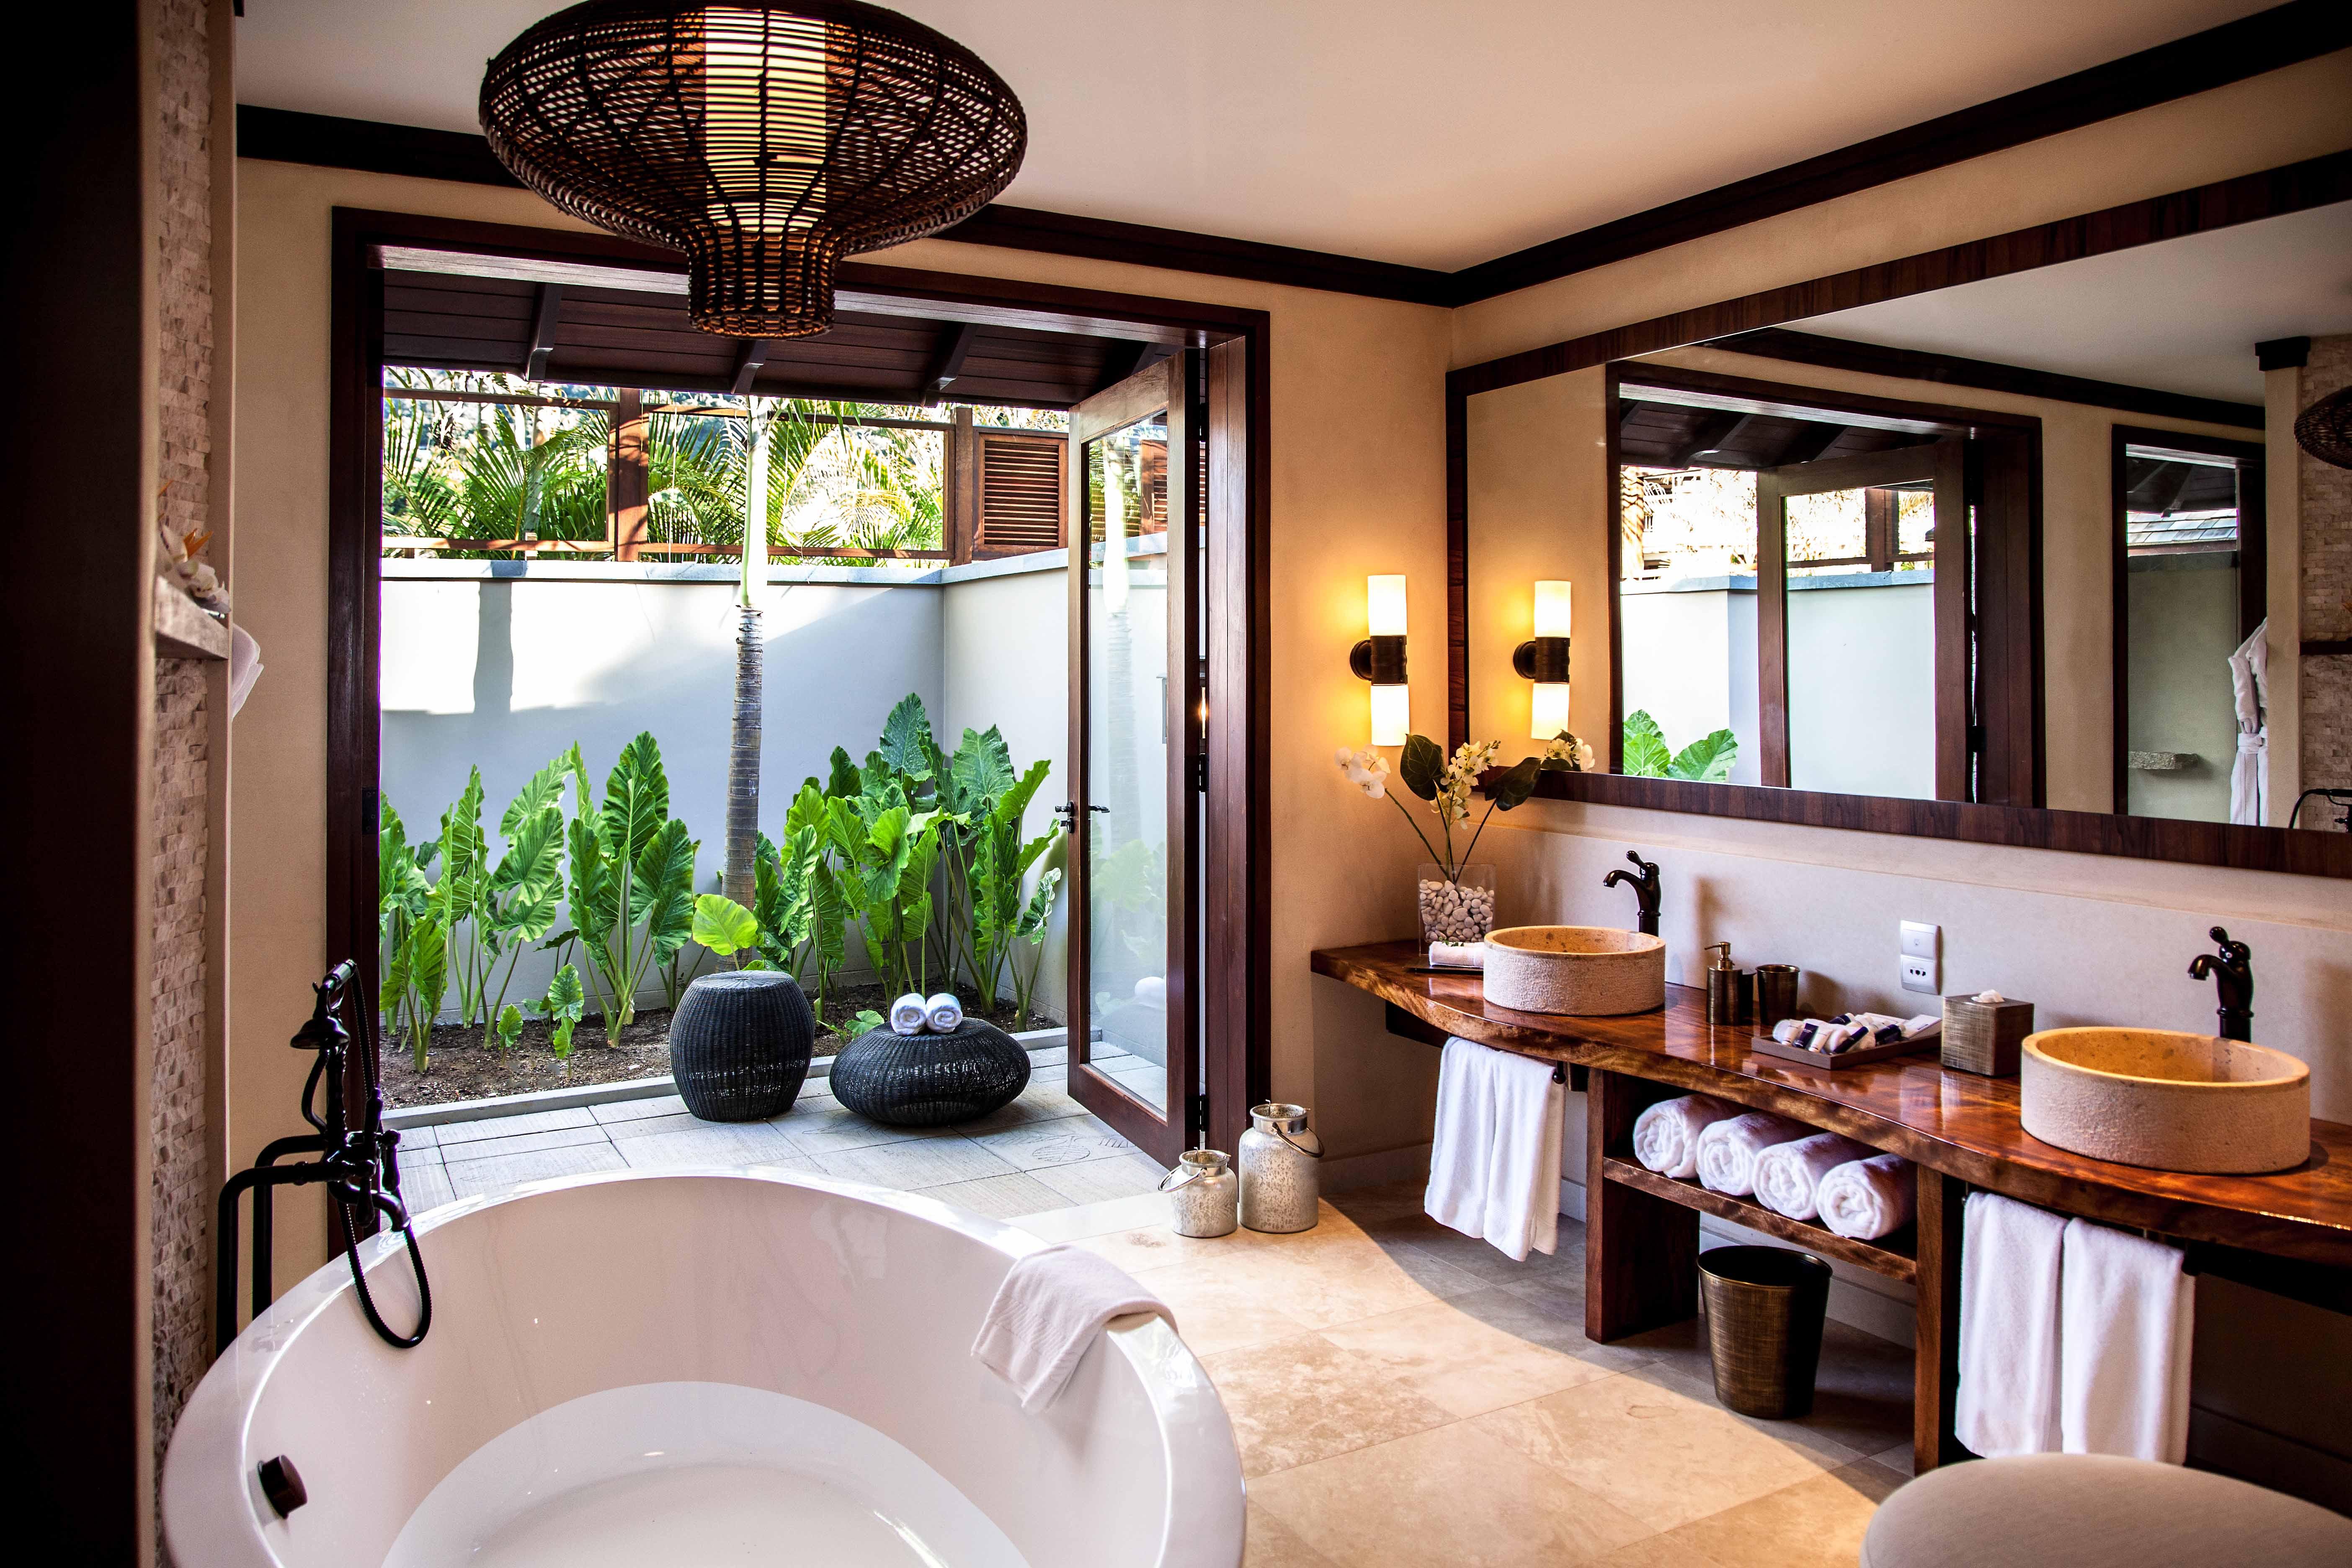 Seychelles, Beach Villa and Bath, Gerry O'Leary